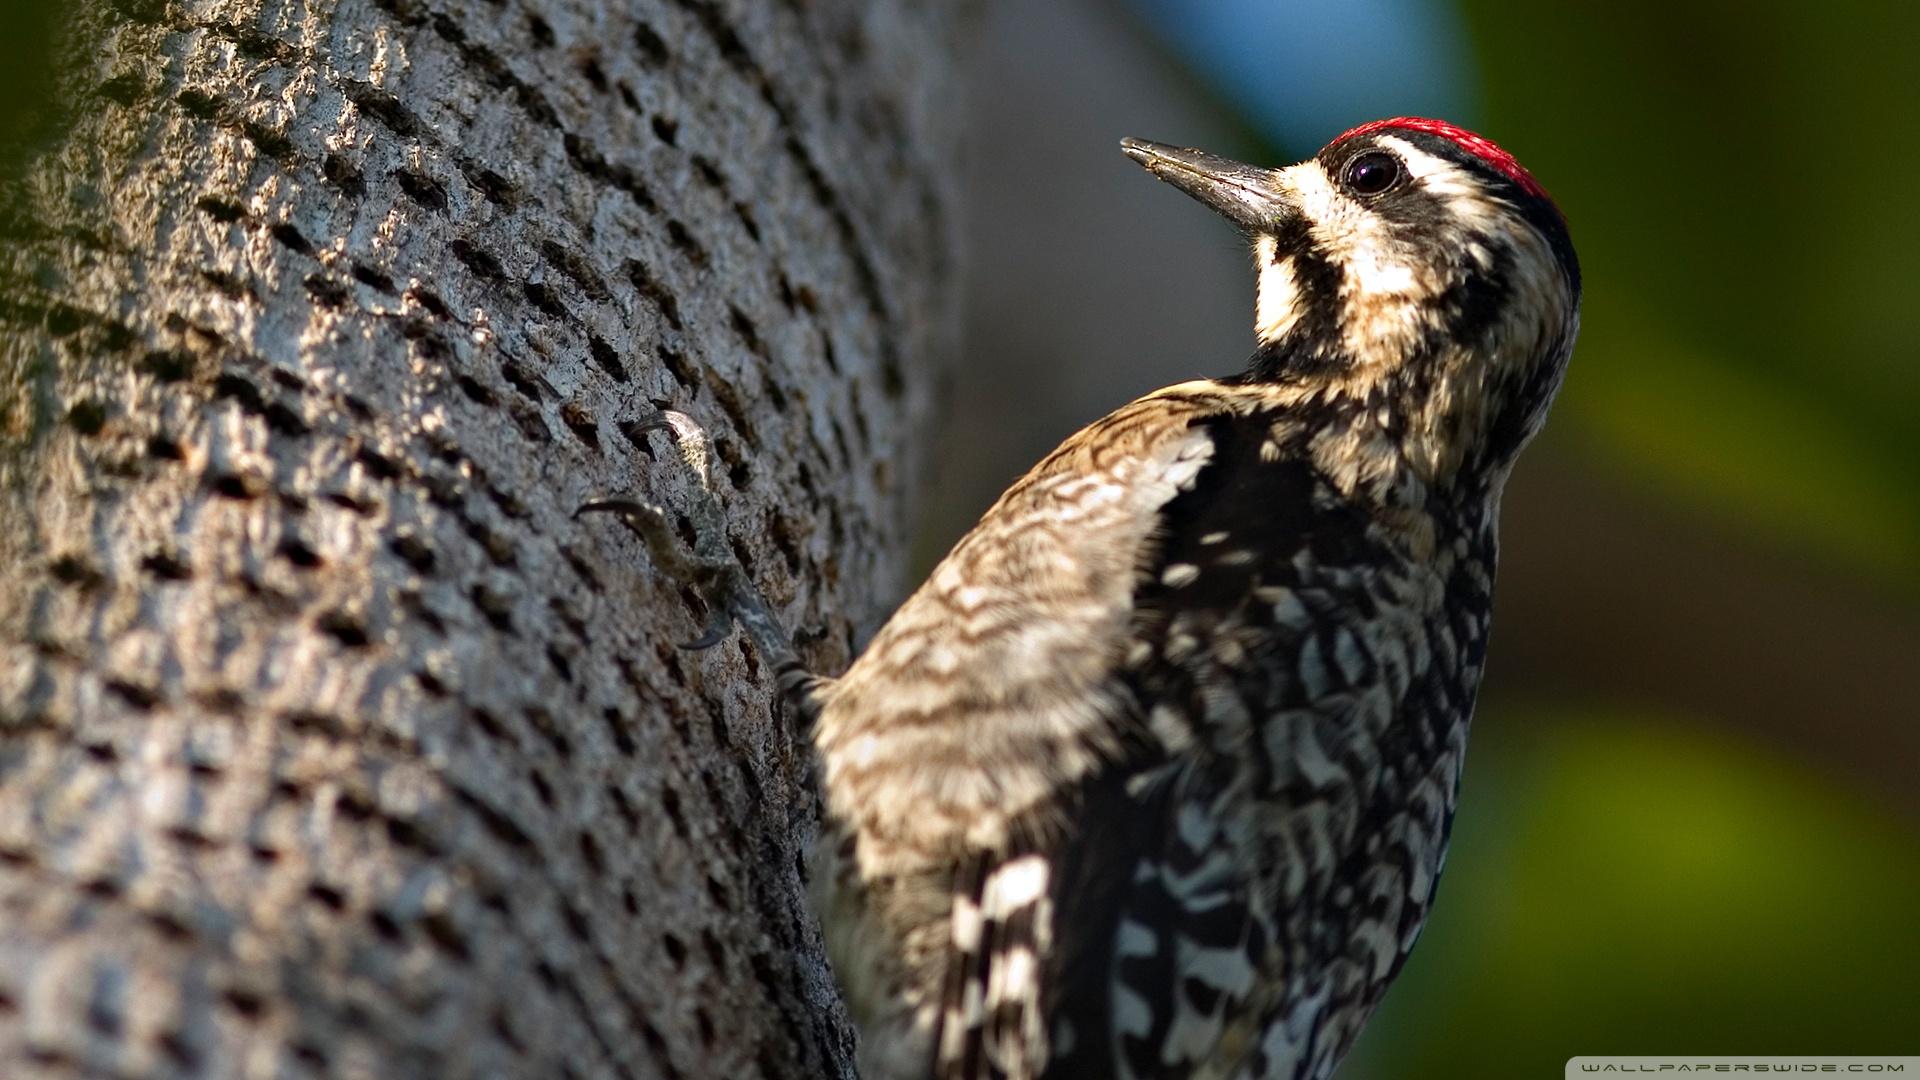 Woodpecker Wallpapers